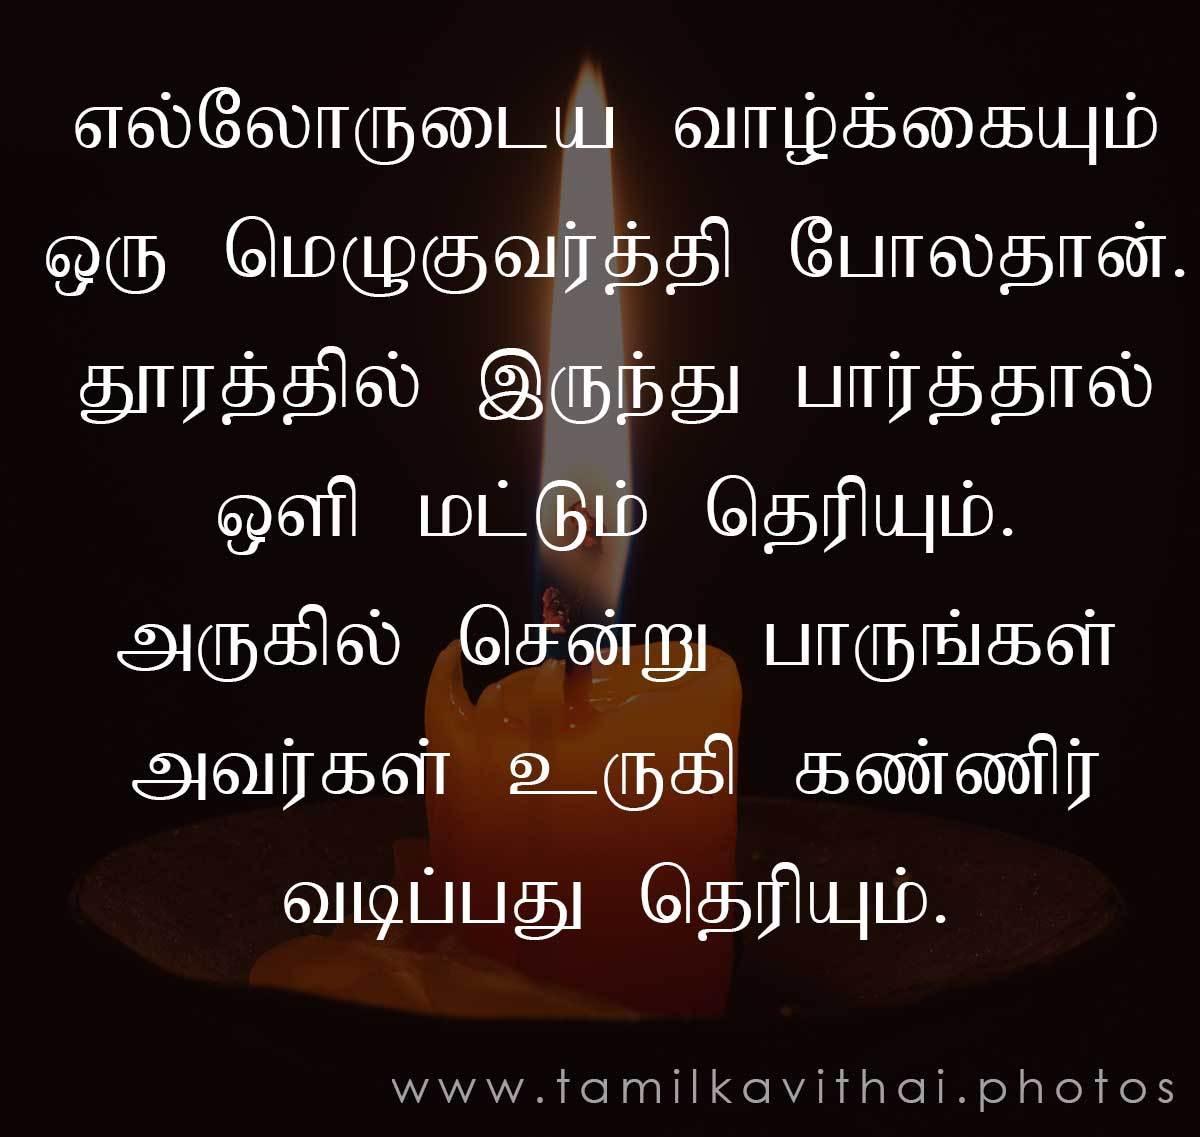 Sad Life Quotes In Tamil Language